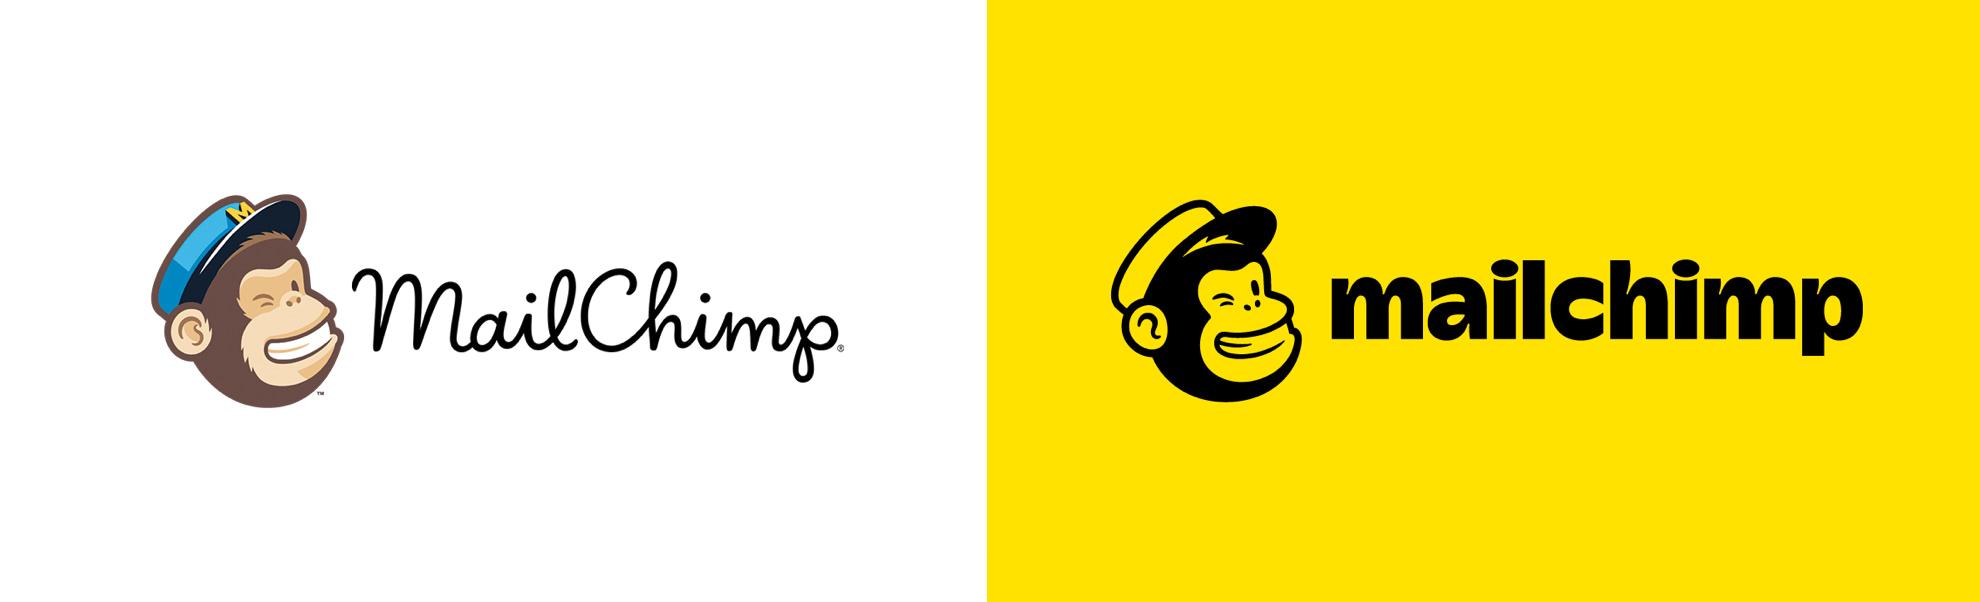 mailchimp nowe istare logo